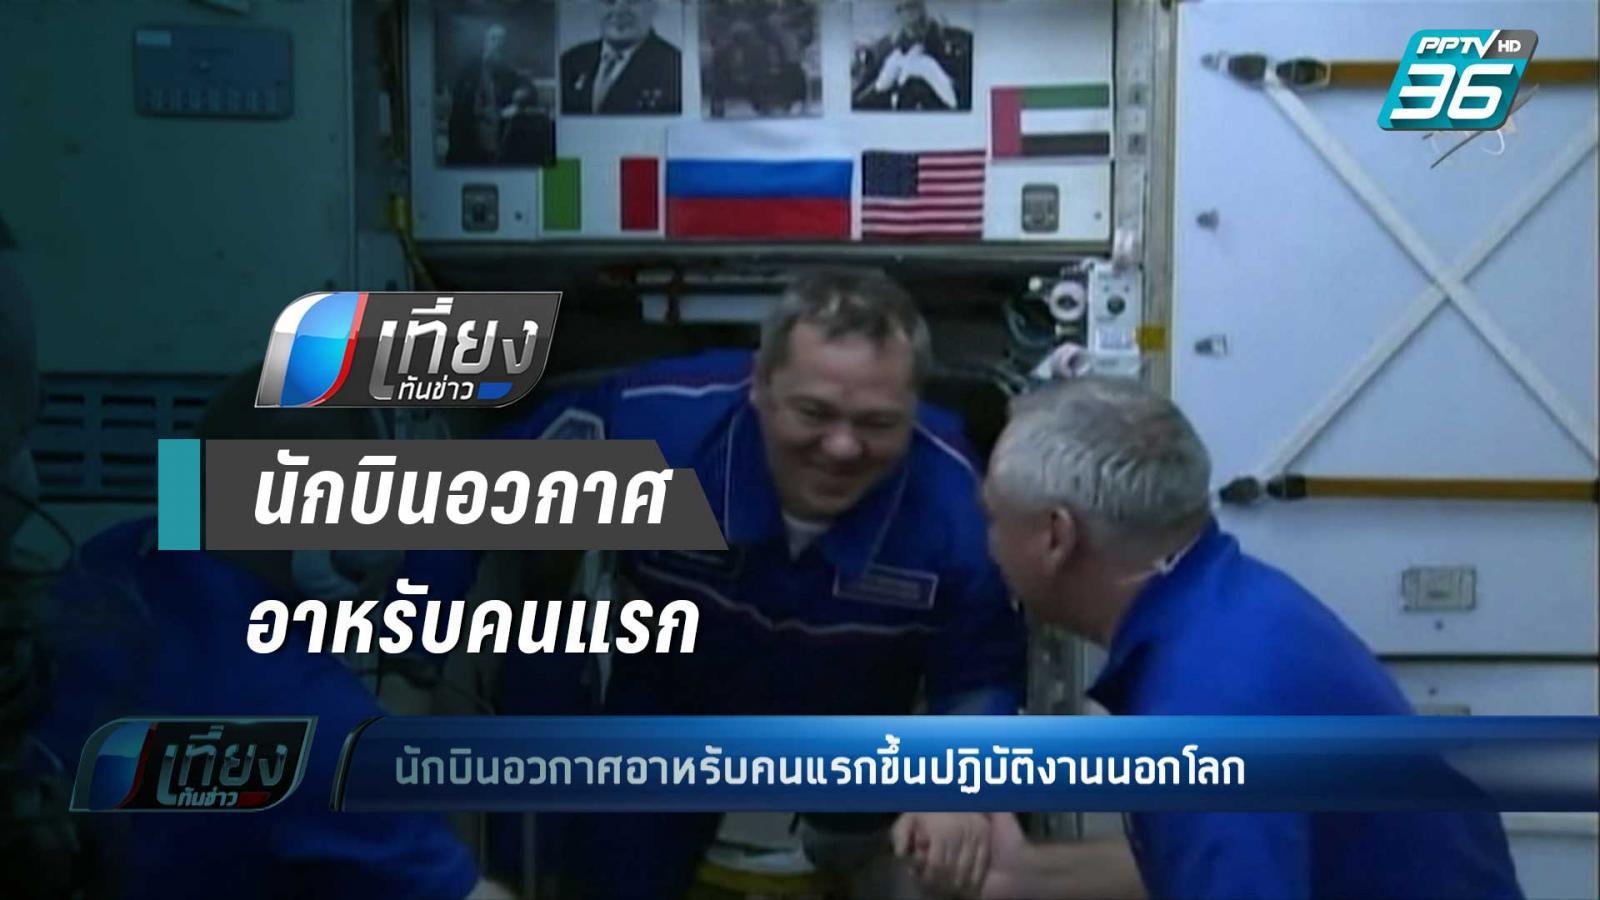 ชาวอาหรับคนแรกที่ได้ไปประจำการบนสถานีอวกาศ